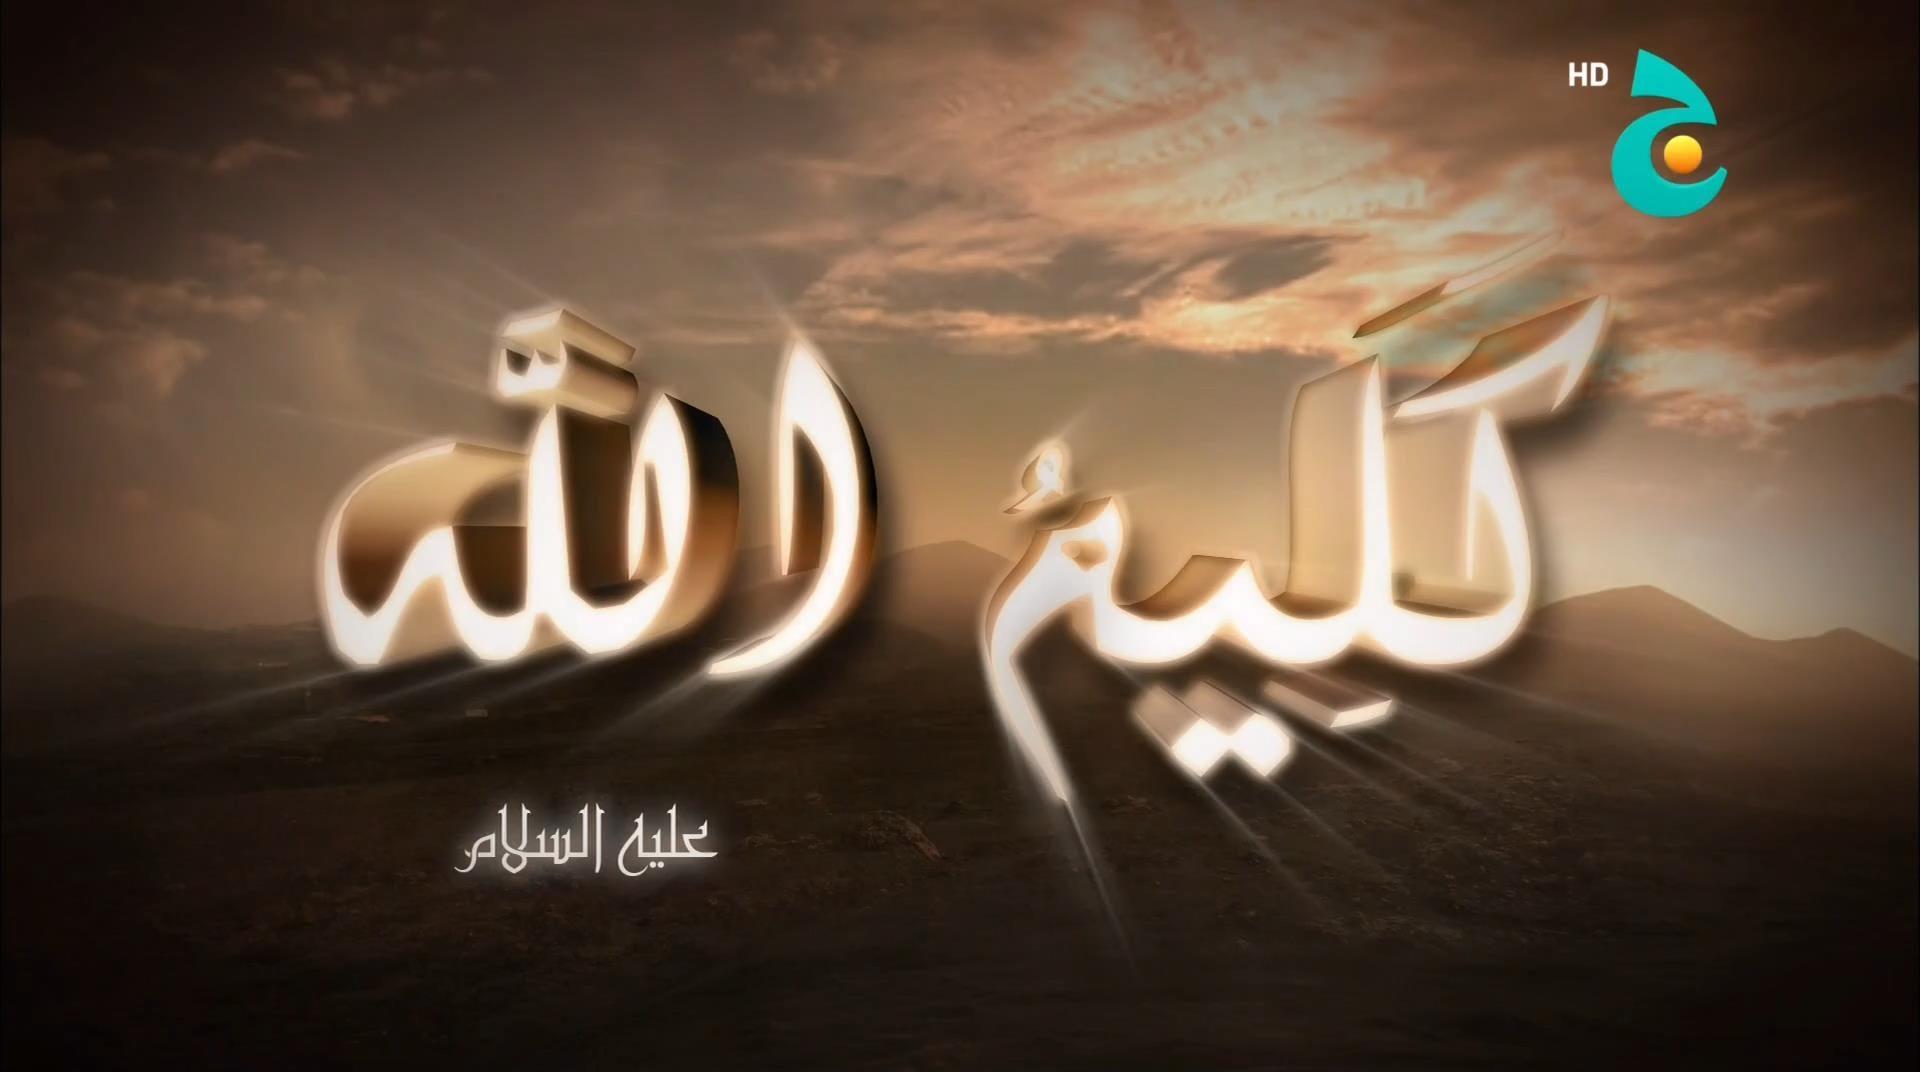 قصة النبى موسى عليه السلام مع فرعون كاملة كما وردت في القرآن الكريم